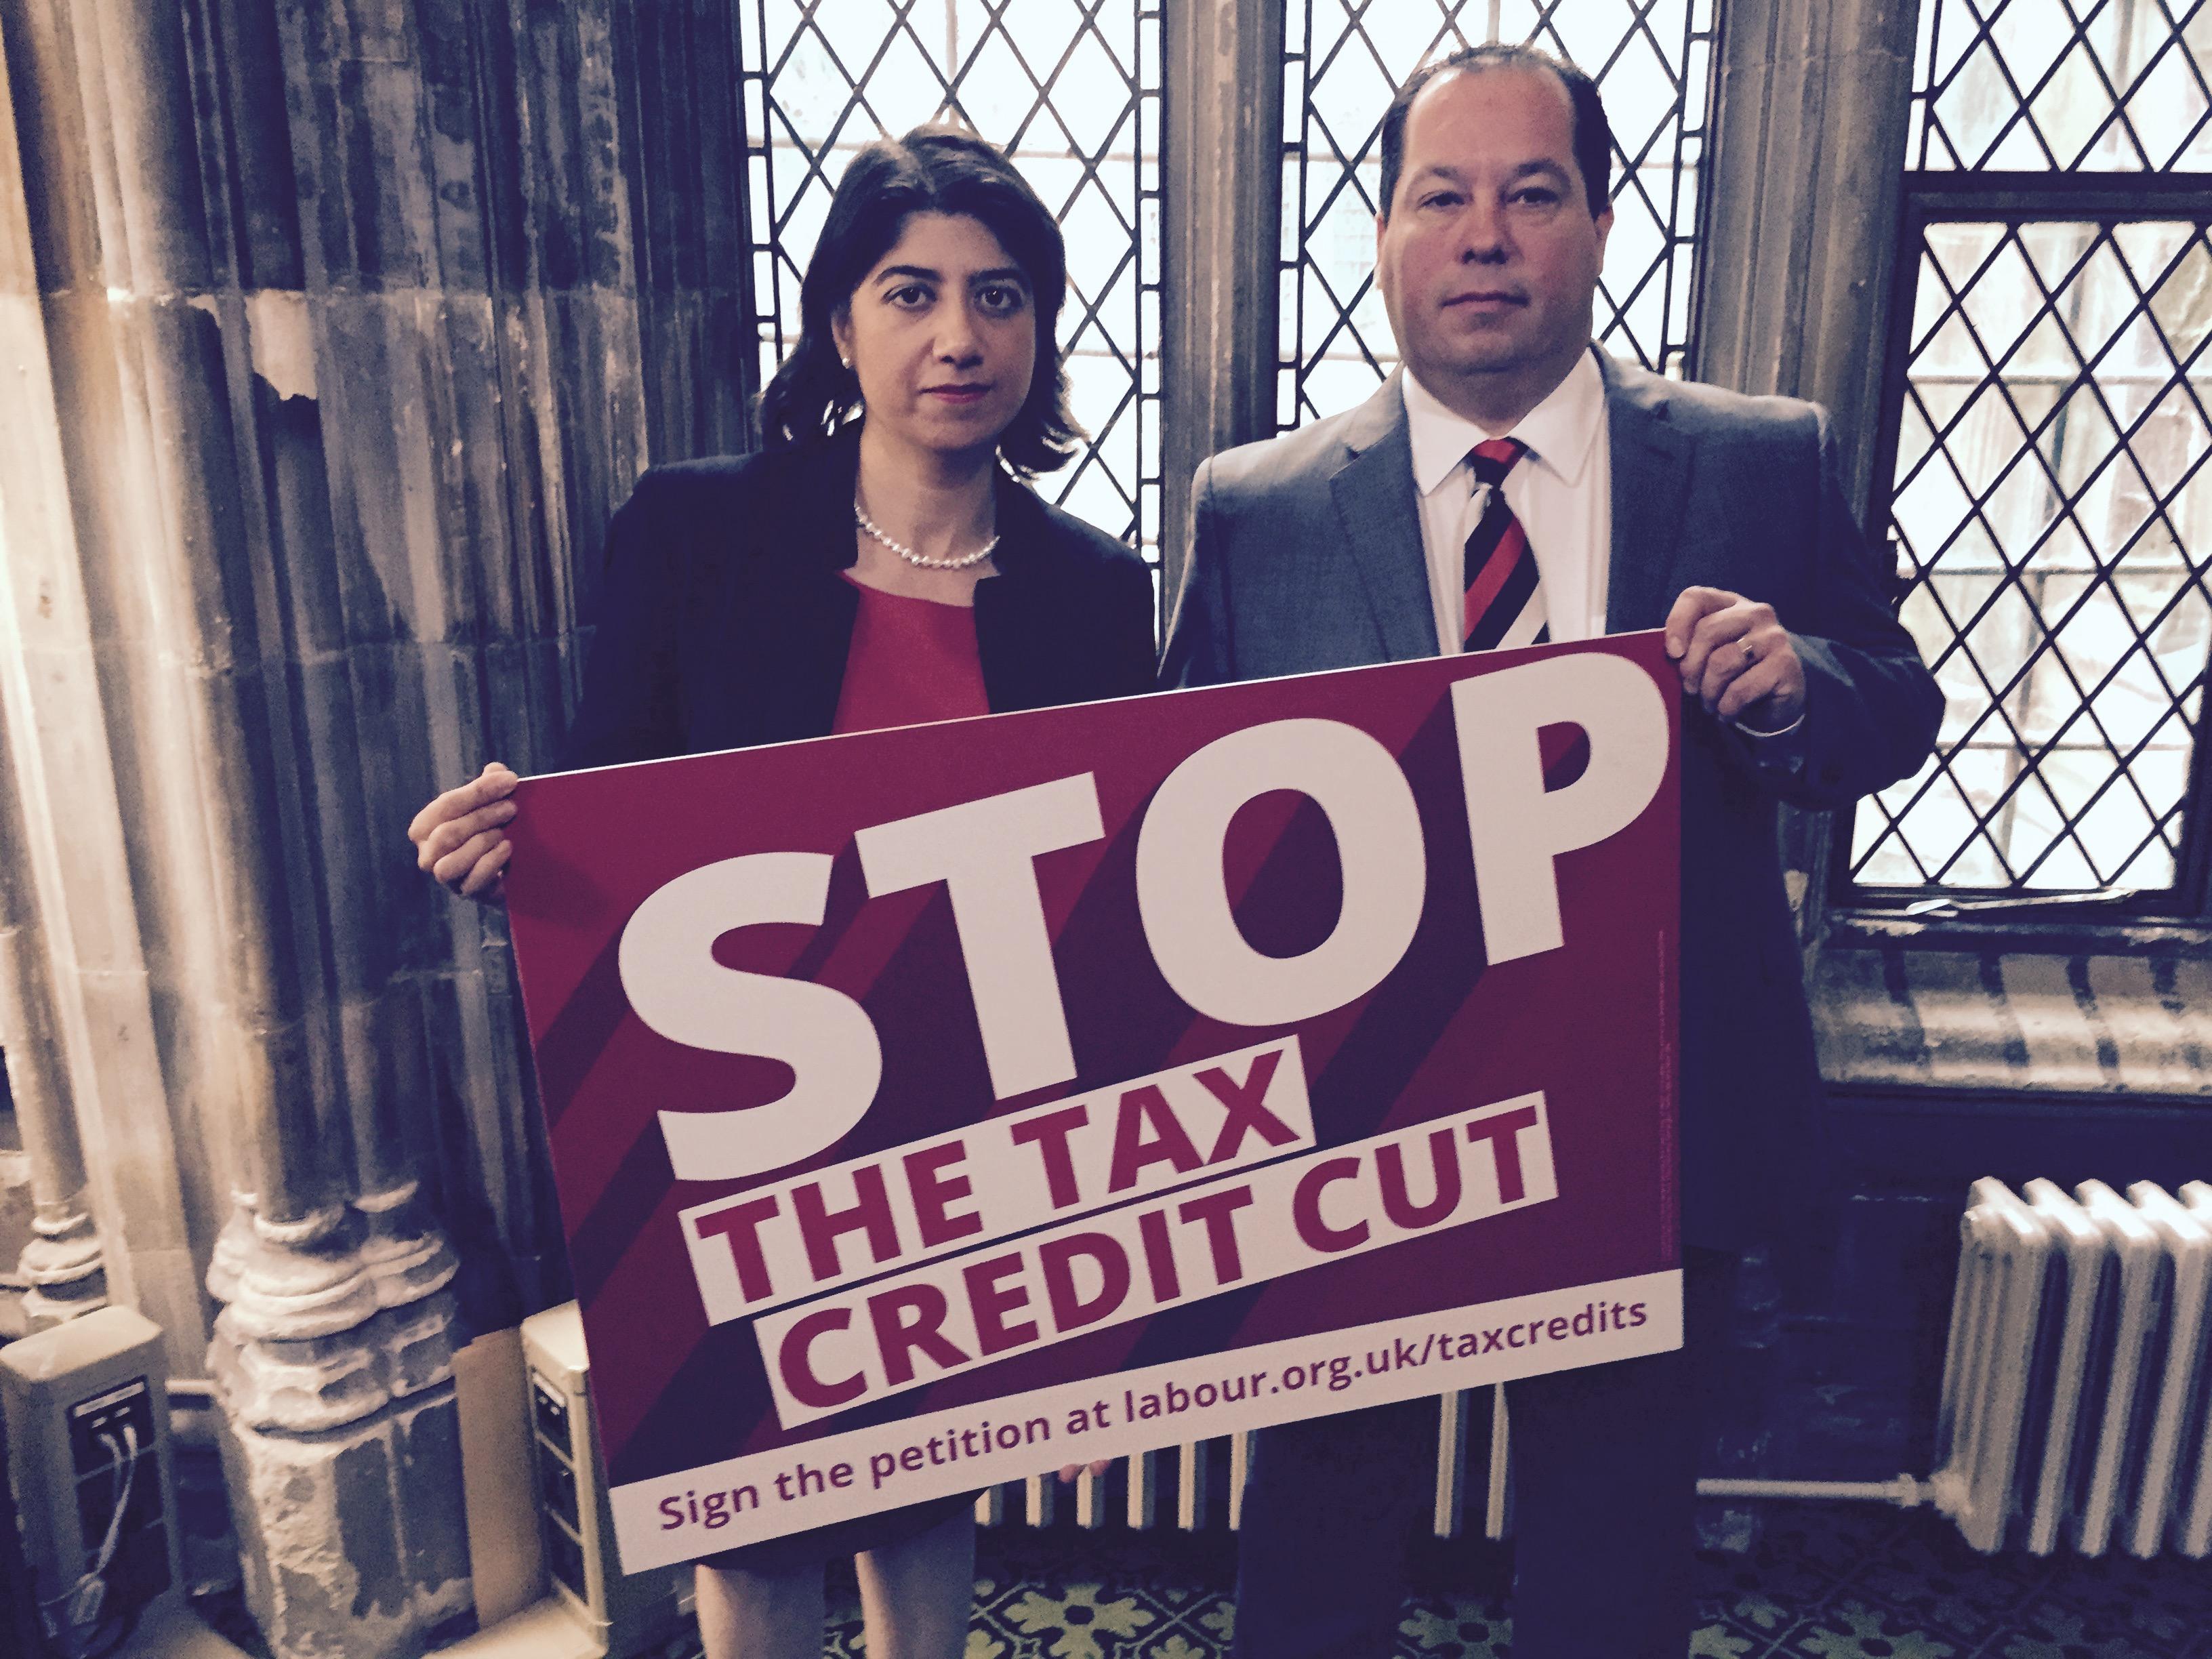 Tax_Credits_Gerald_Jones.jpg